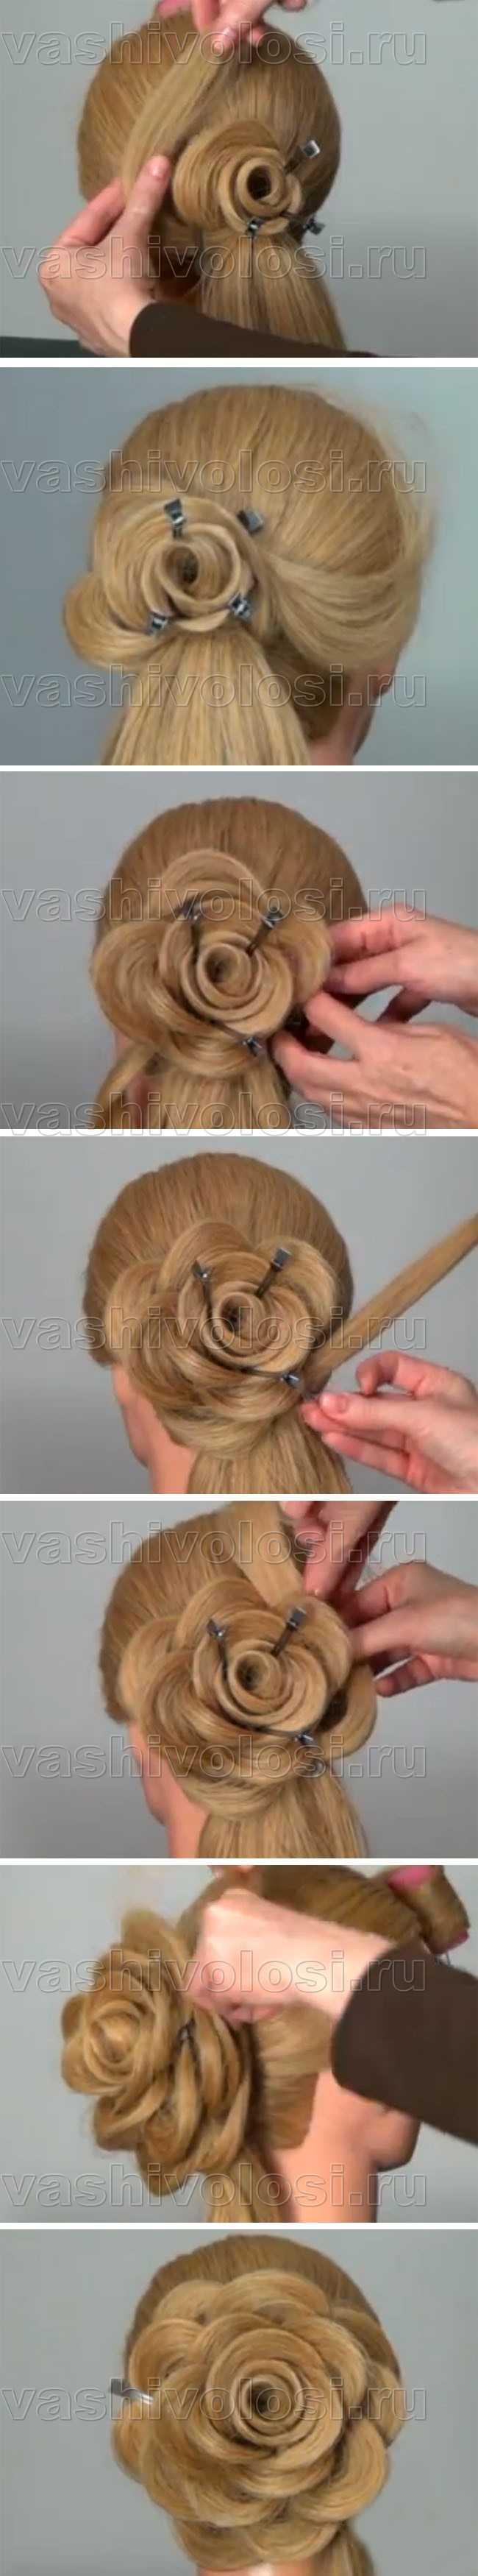 Прическа роза из волос